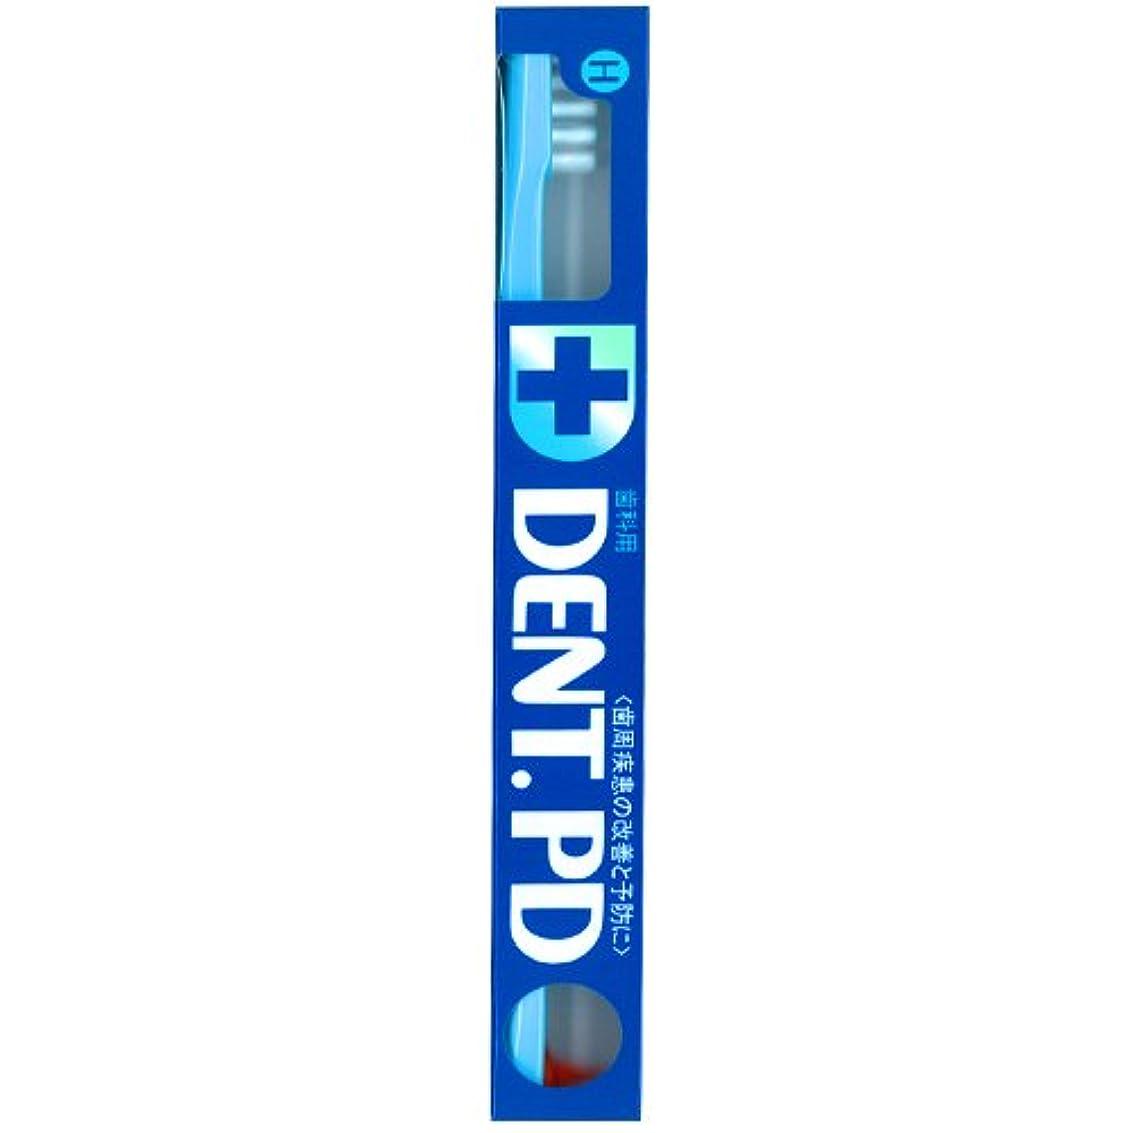 申し込むロンドン硬さライオン DENT.PD歯ブラシ 1本 H (ブルー)